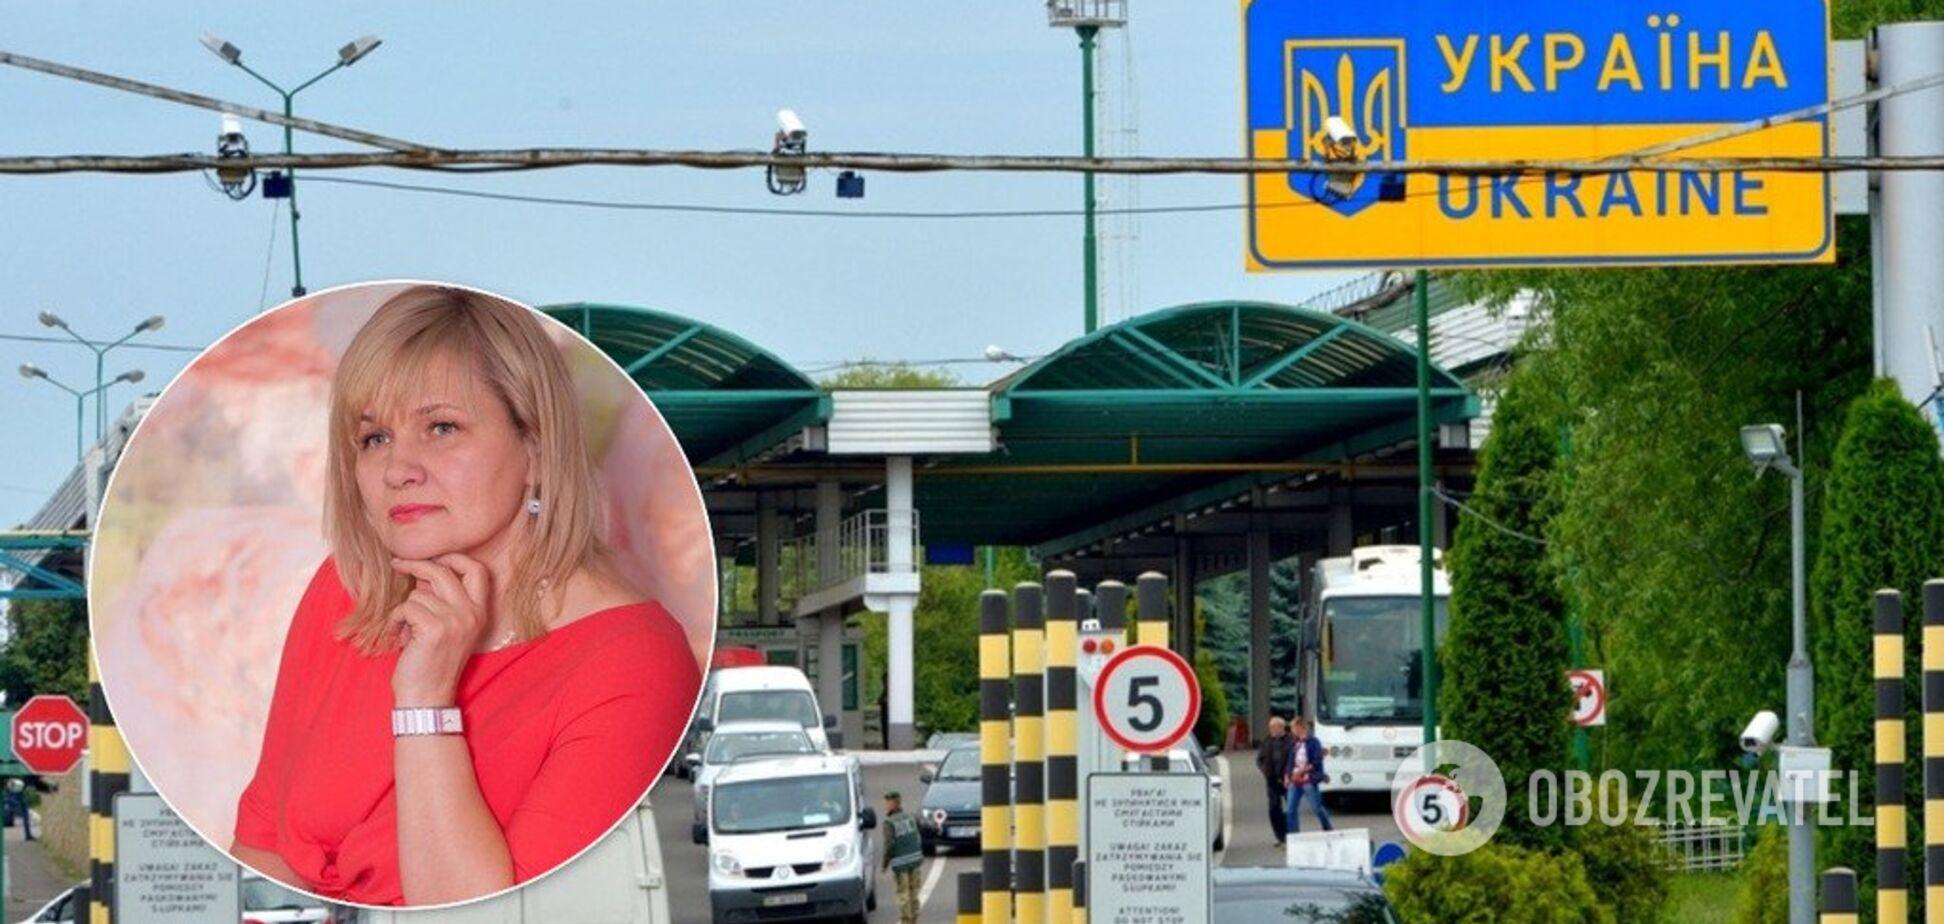 Скандал с экс-женой Князева: ГБР взялось за таможенников